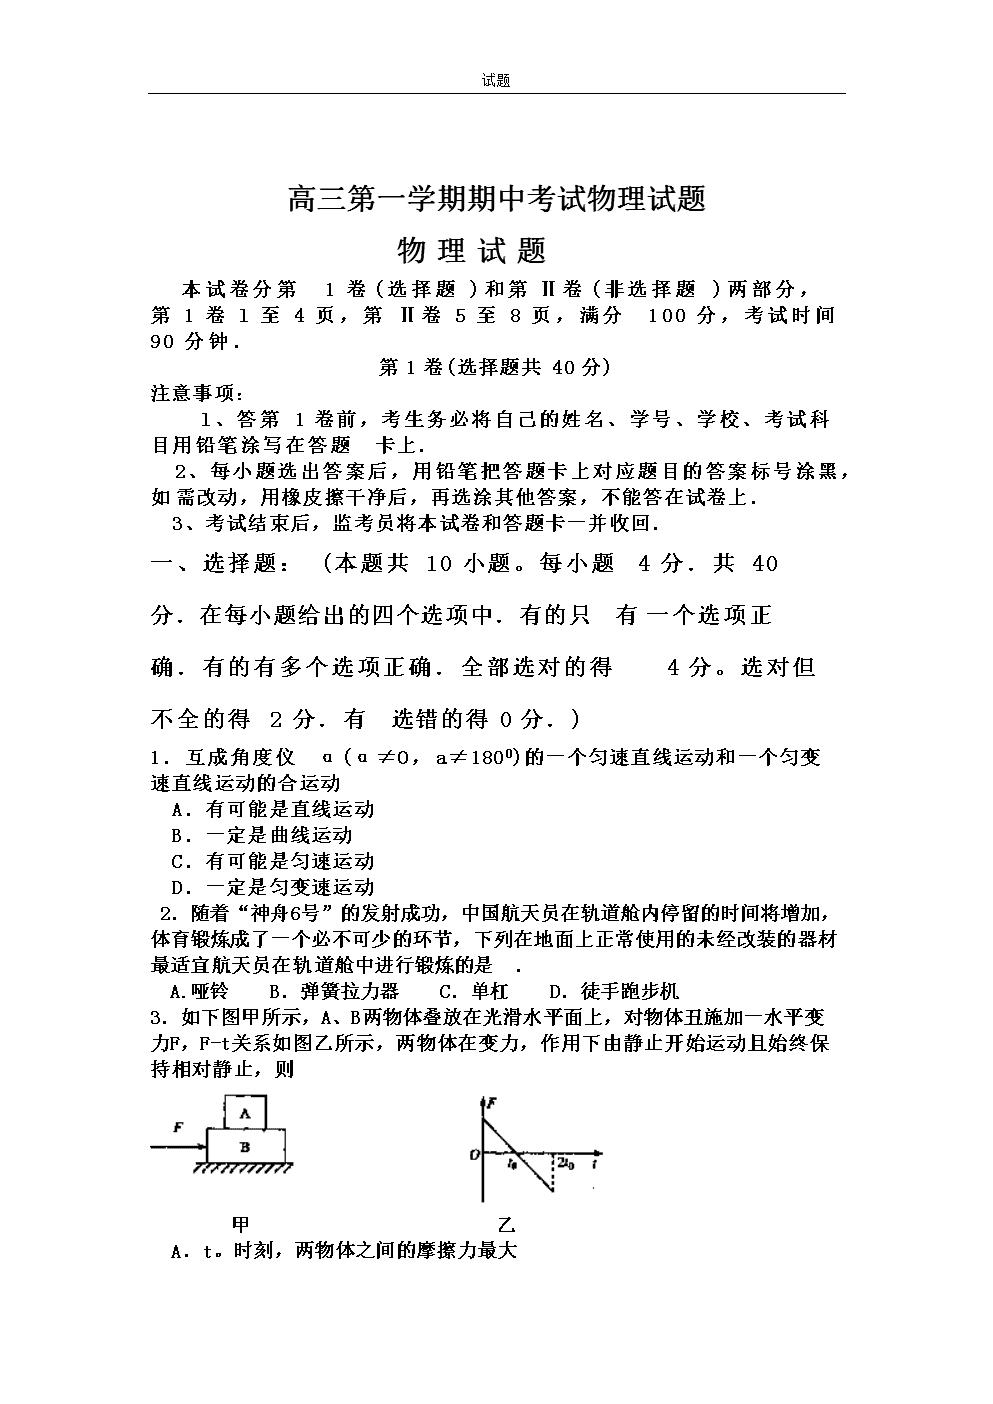 高三第一学期期中考试物理试题.doc